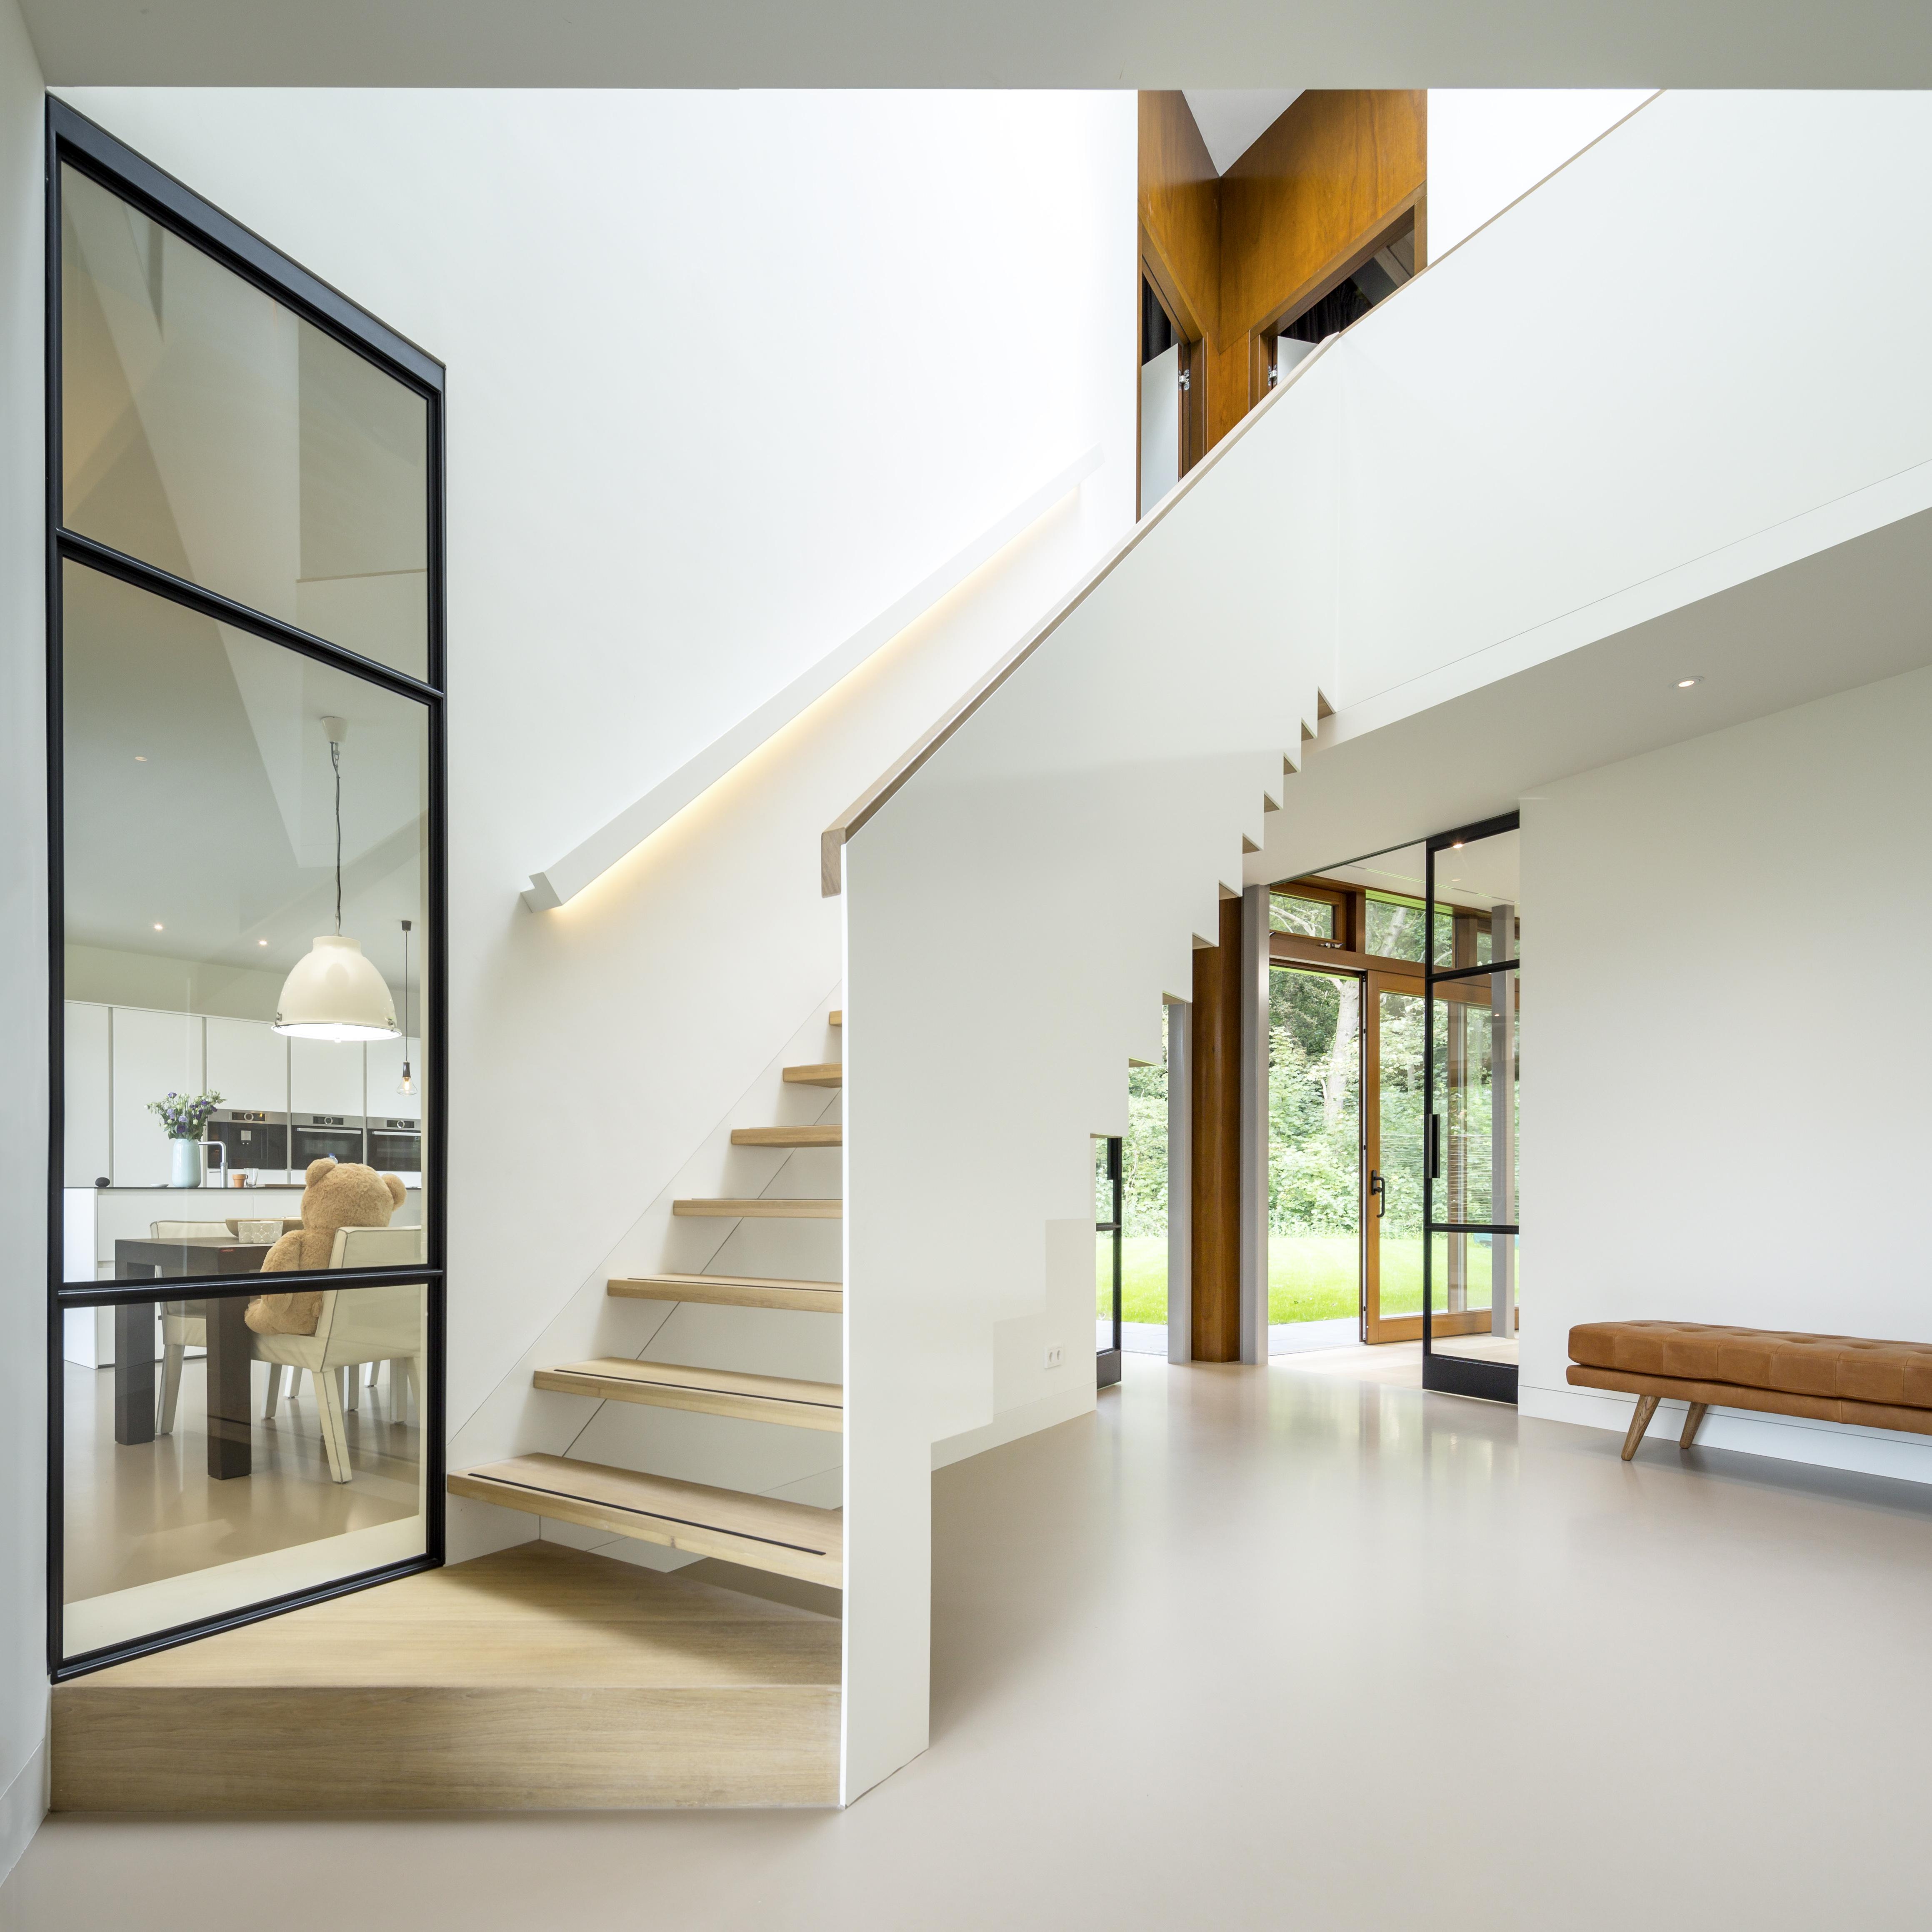 <p>Moke Architecten Gianni Cito Woonhuis Bochem hal1 HR</p>